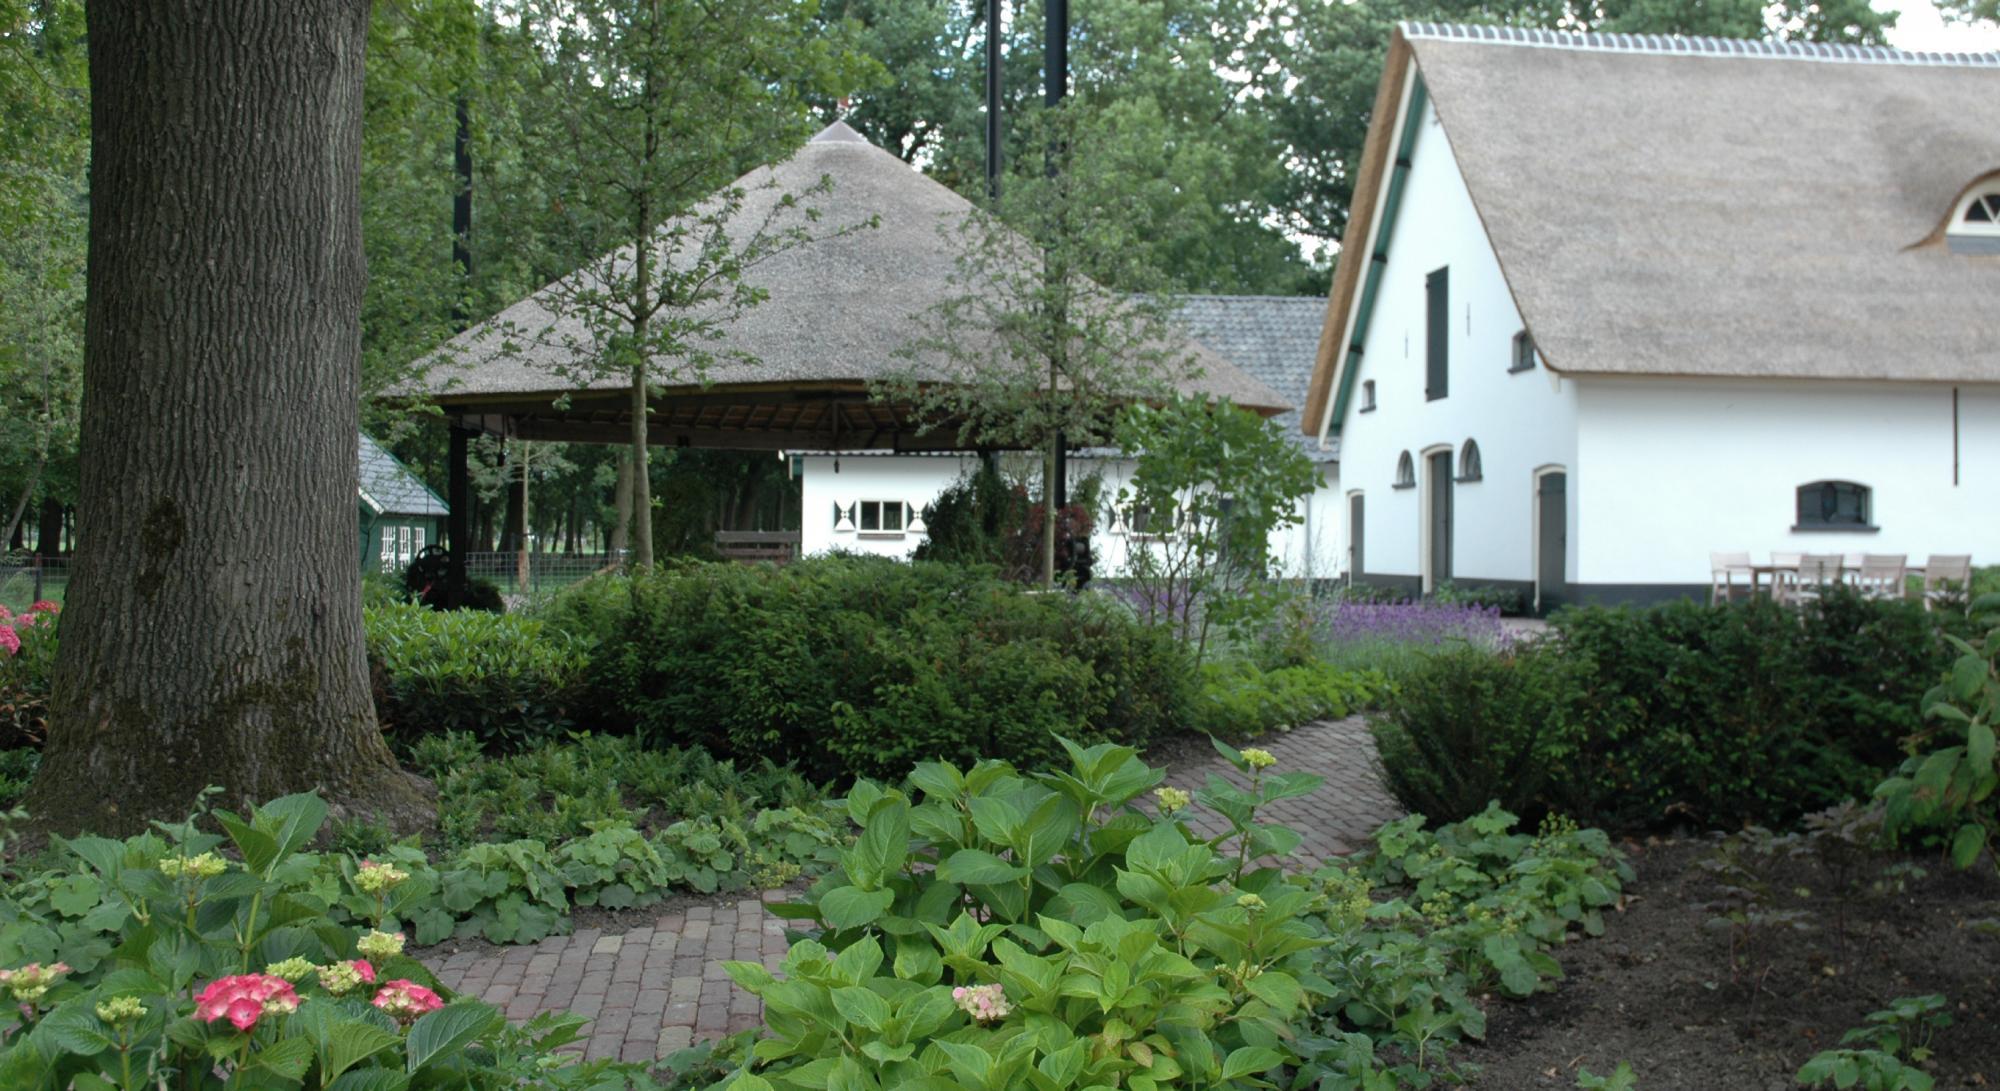 Boerderijtuin bij landgoed Woerden - Foto 11